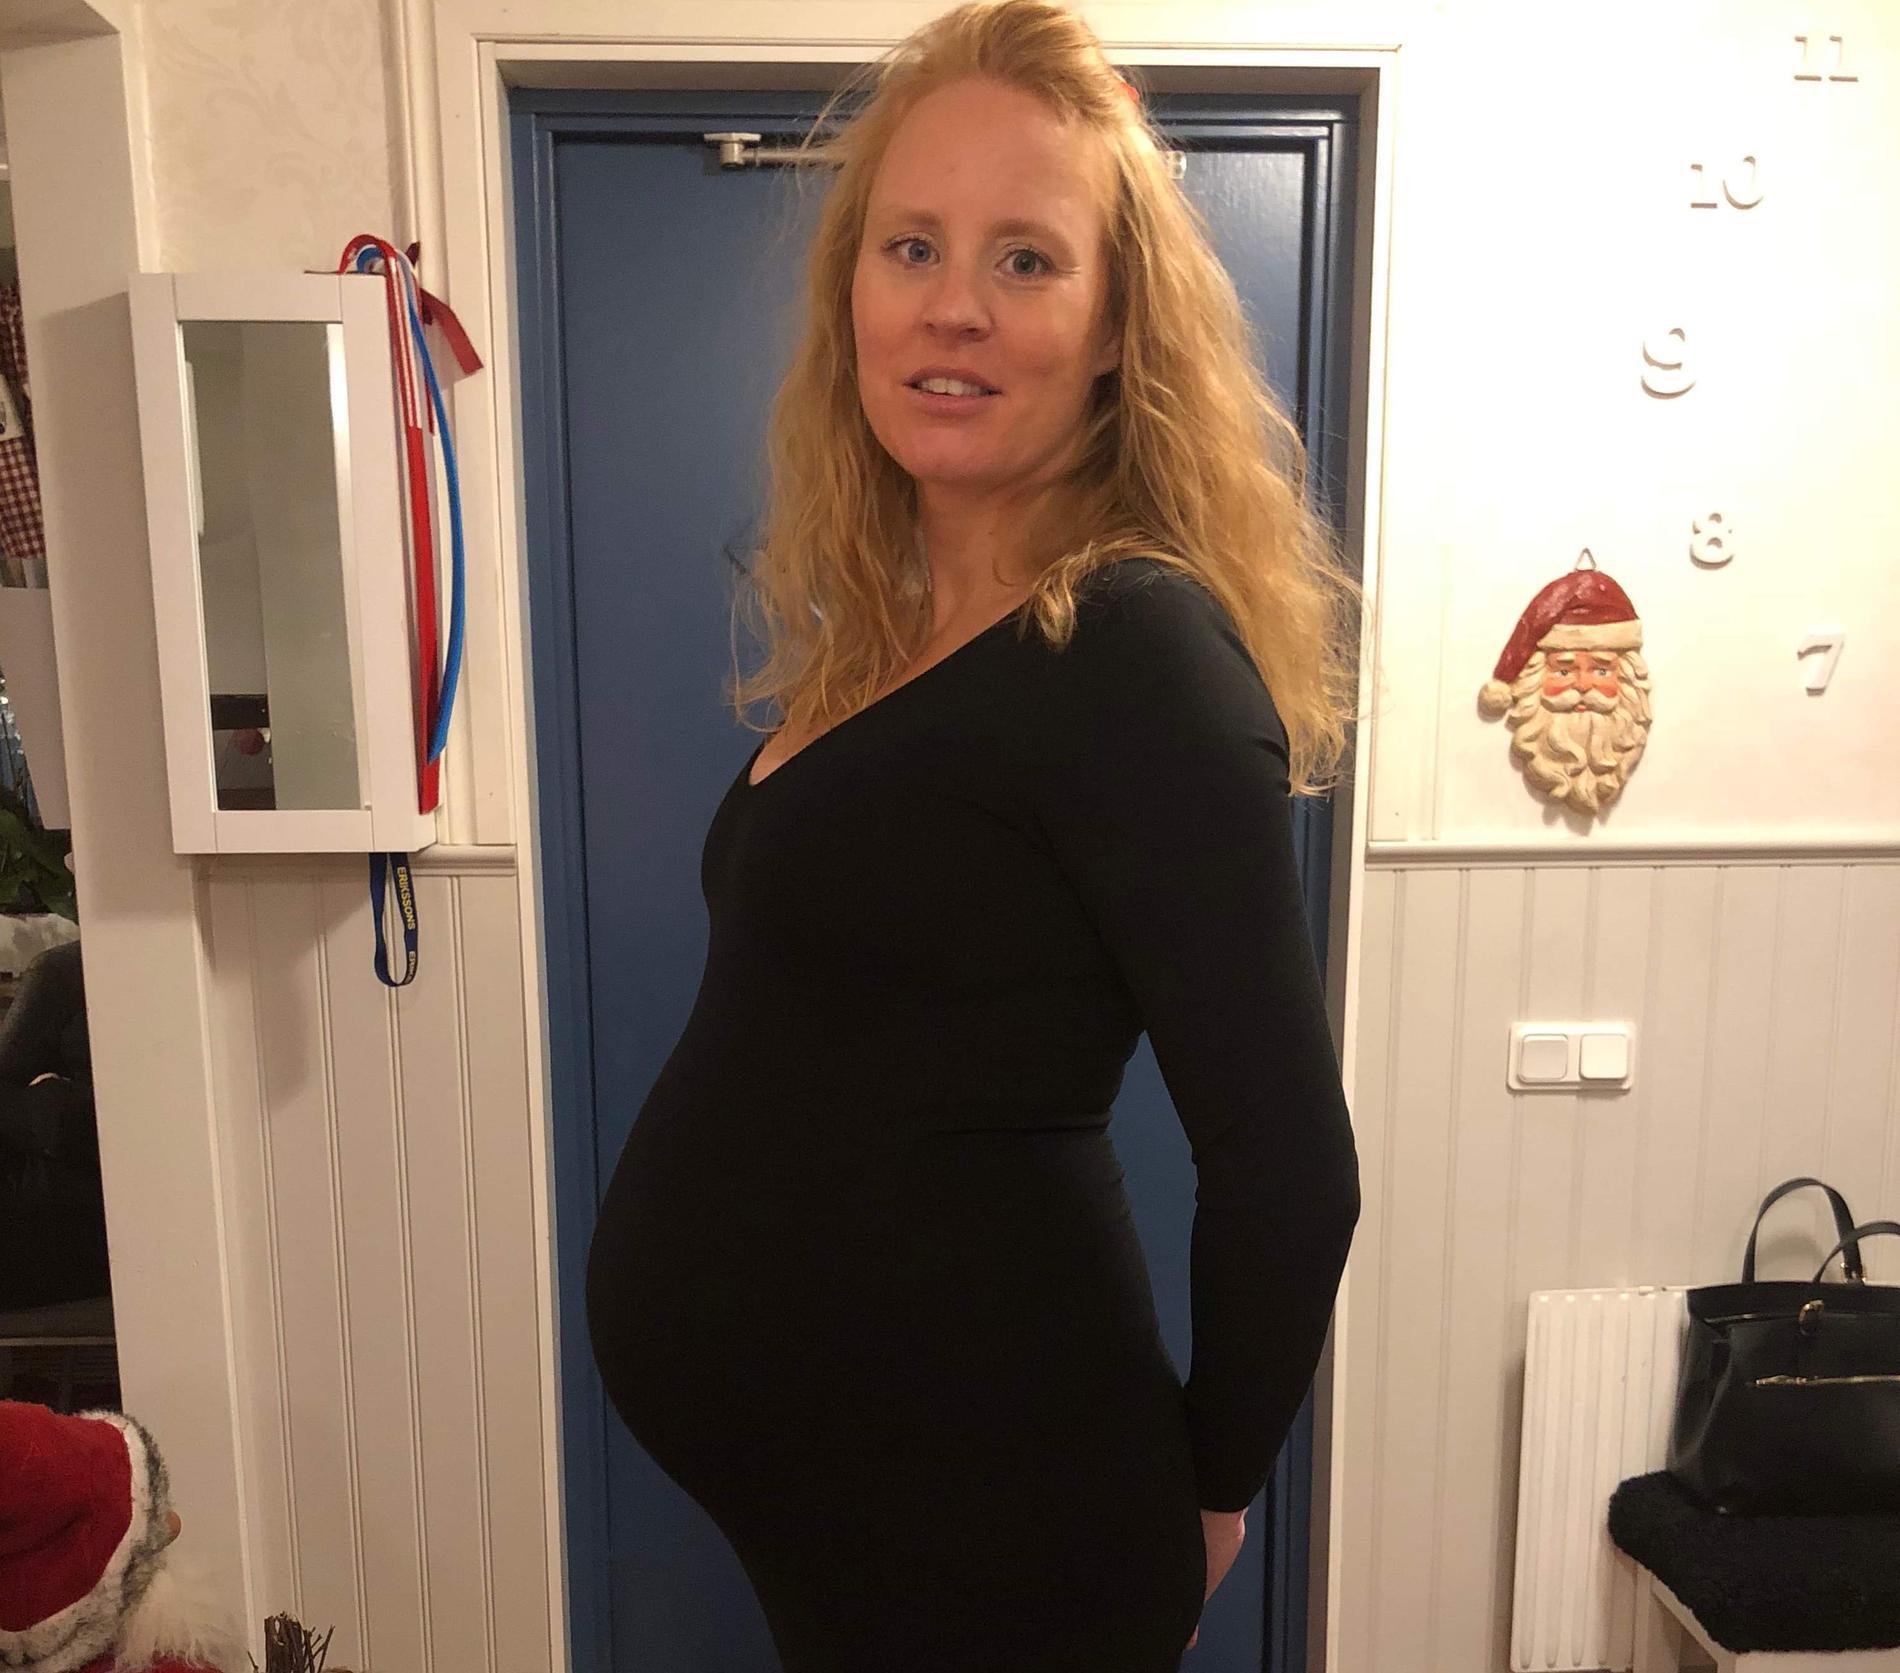 Här var Linda gravid med sitt första barn Alma.